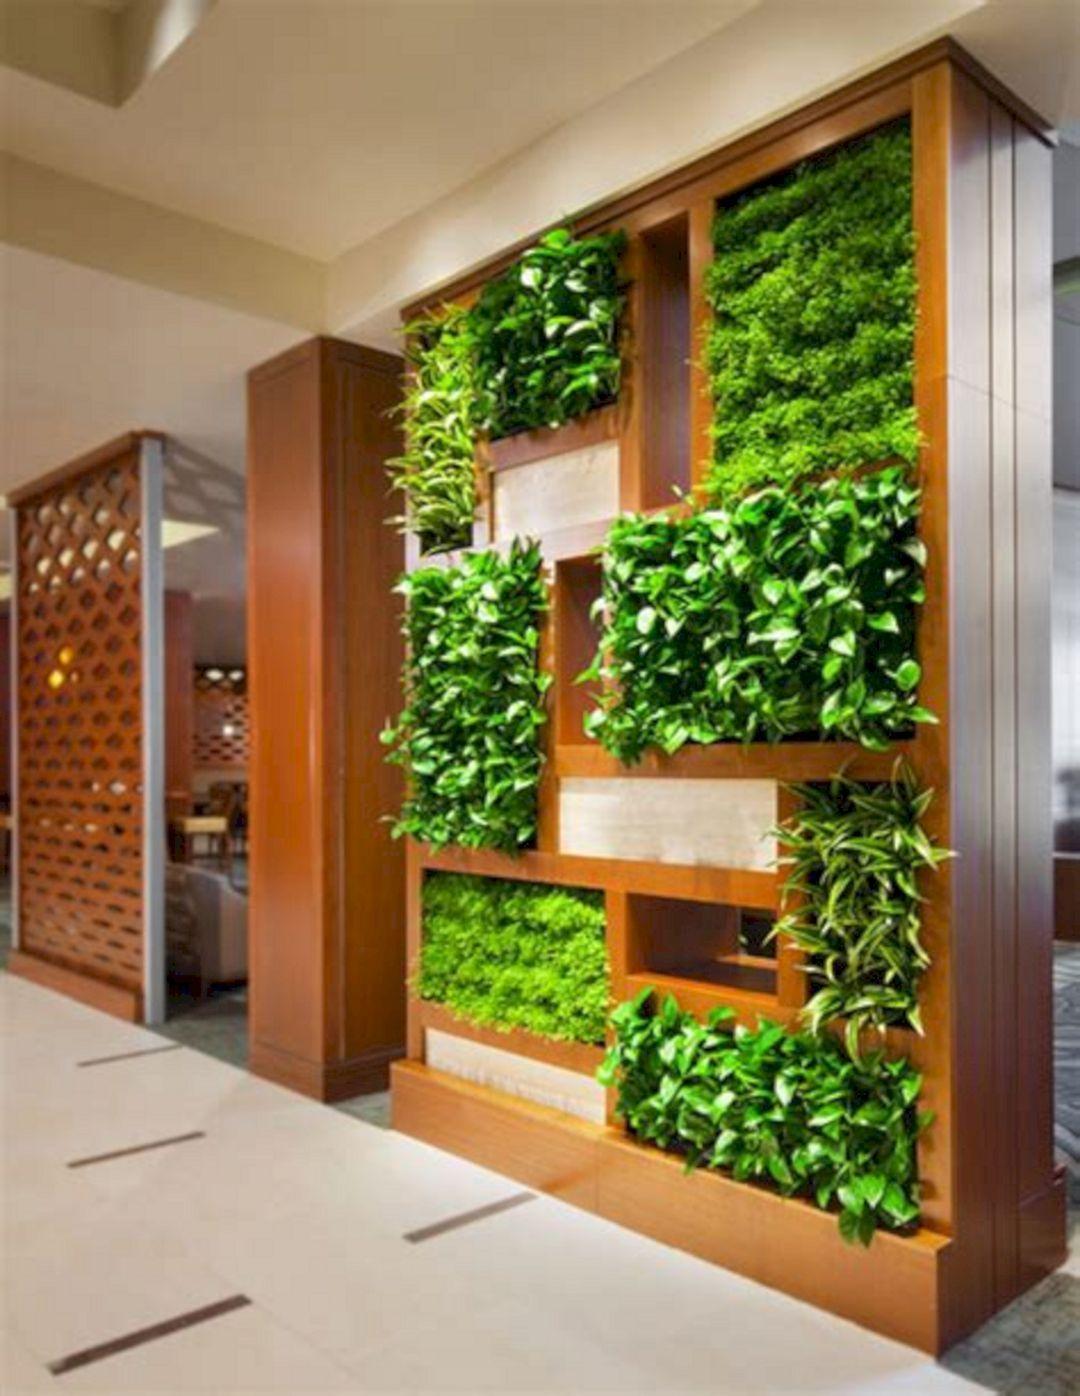 Indoor Hydroponic Wall Garden 2 (With images) Indoor